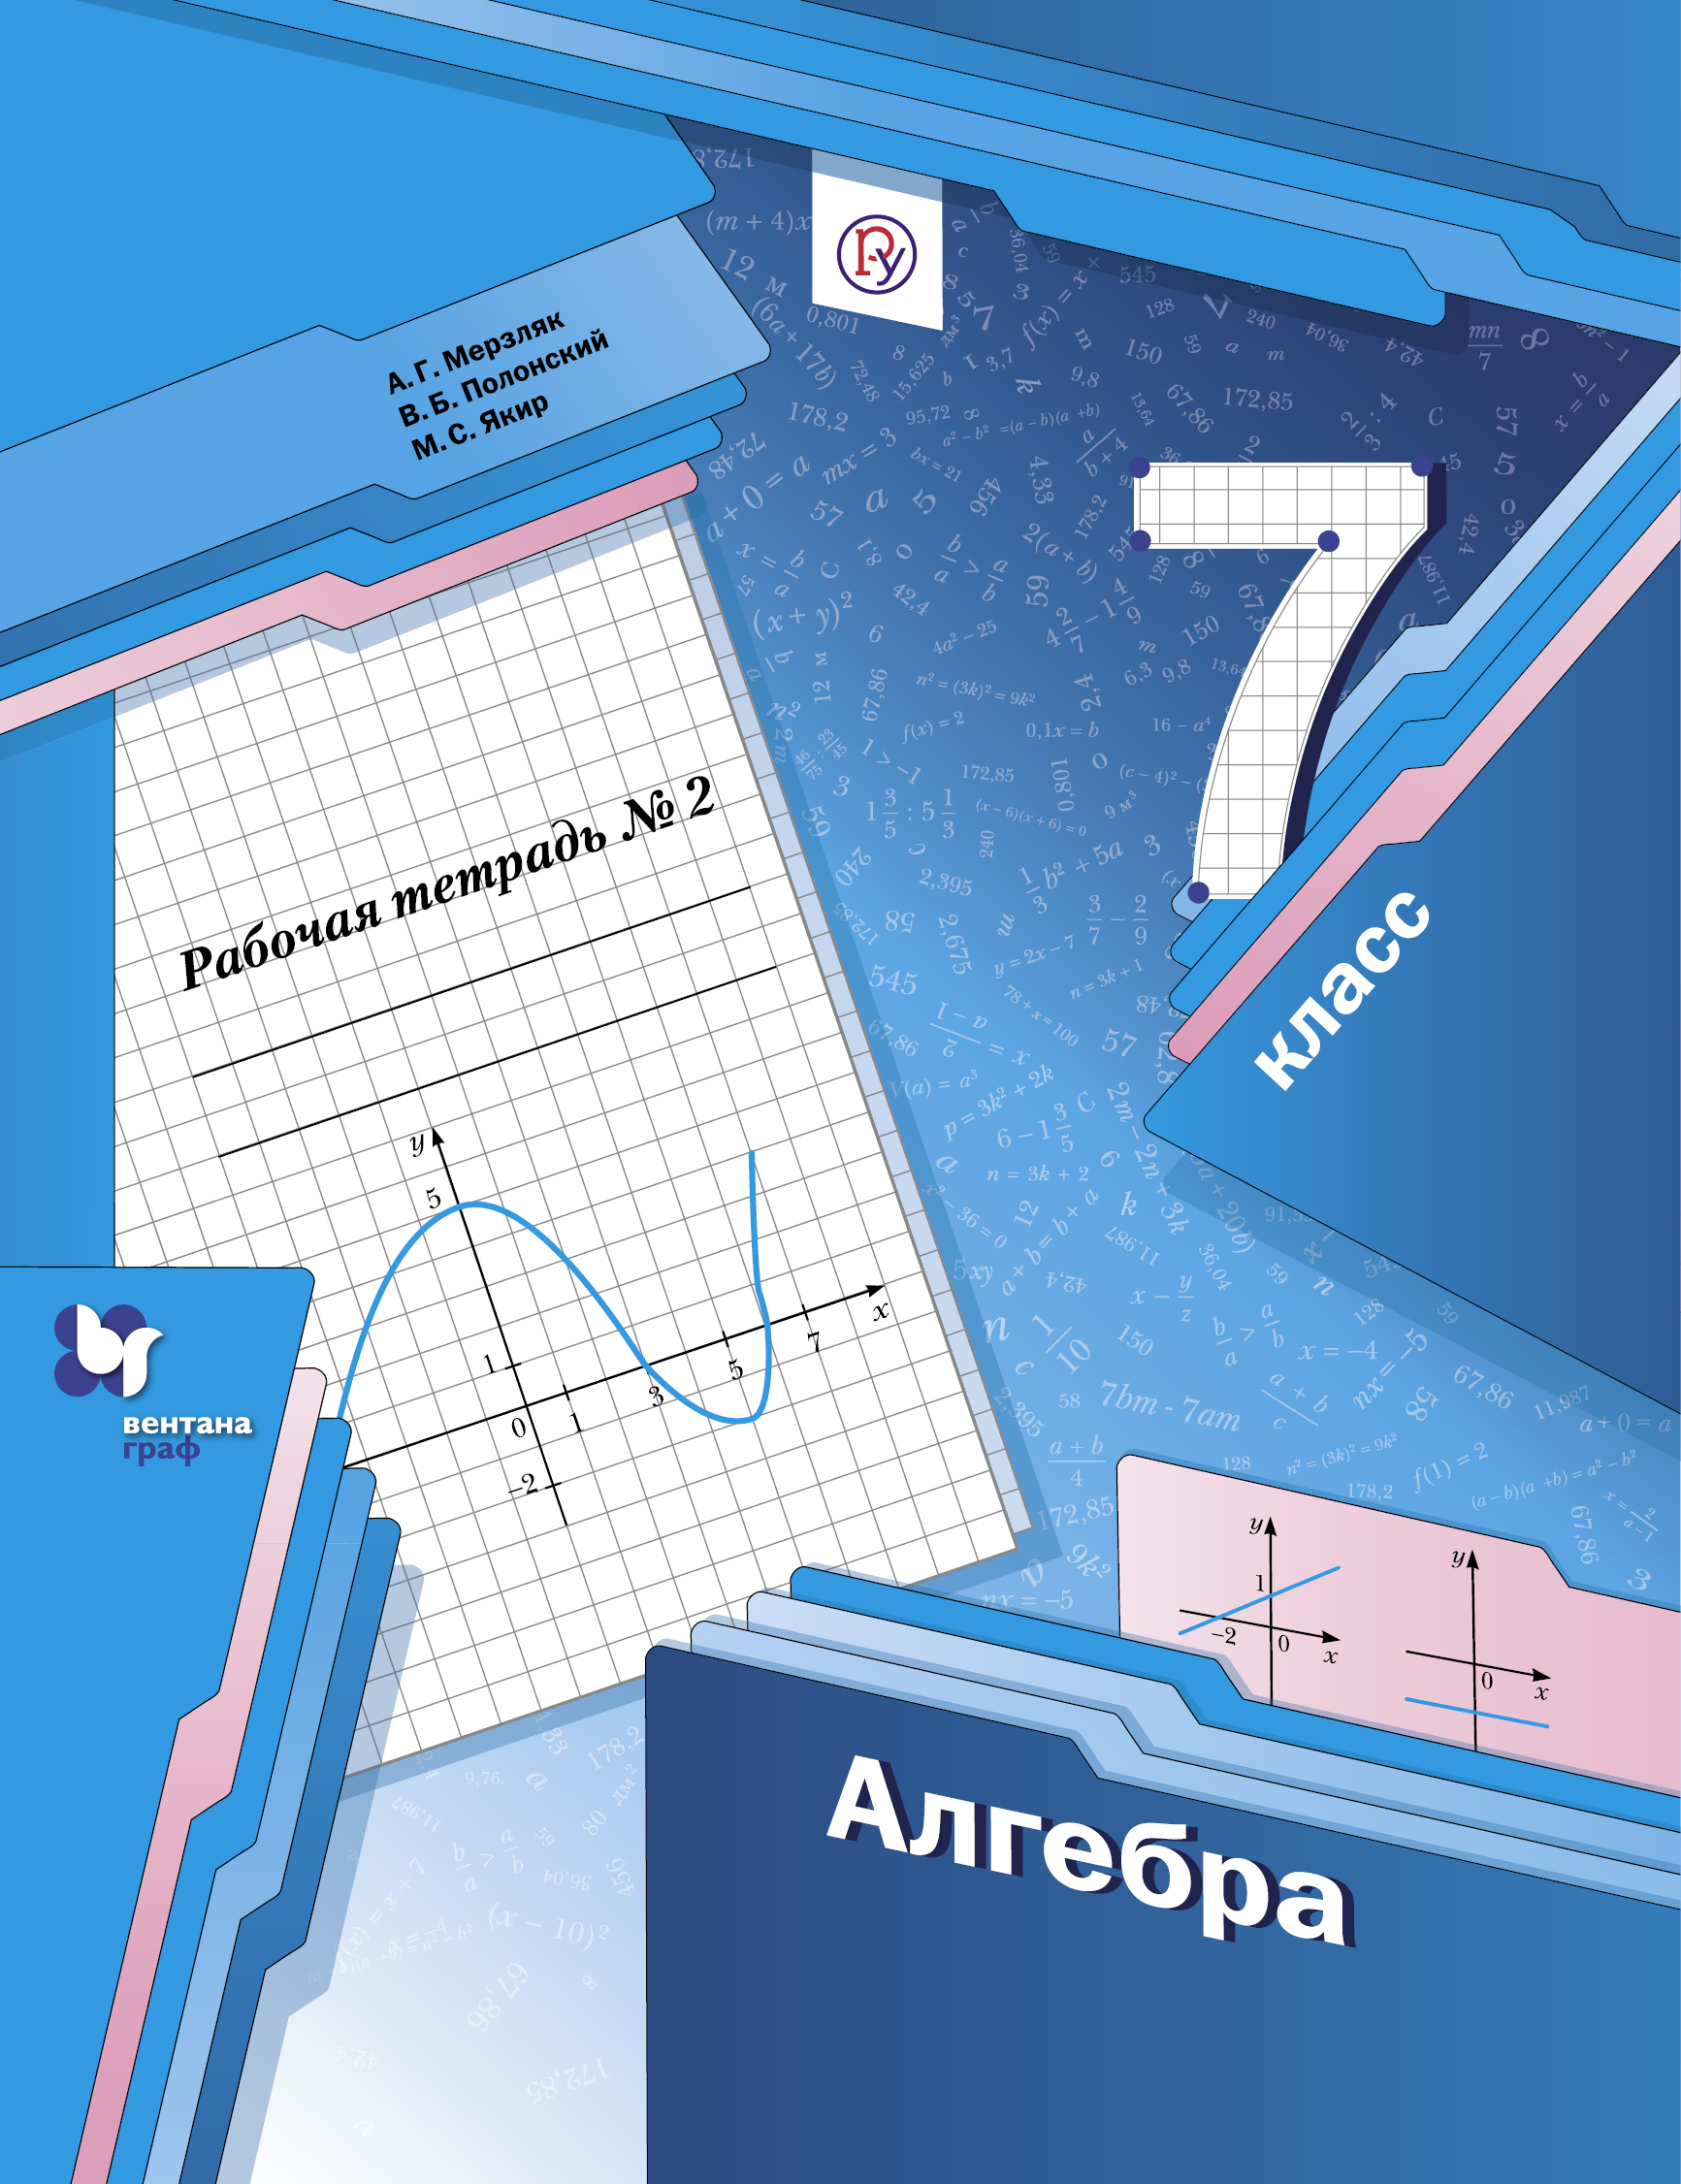 Мерзляк А.Г., Полонский В.Б., Якир М.С. Алгебра. 7 класс. Рабочая тетрадь. 2 часть. а г мерзляк в б полонский м с якир алгебра 7 класс рабочая тетрадь в 2 частях часть 1